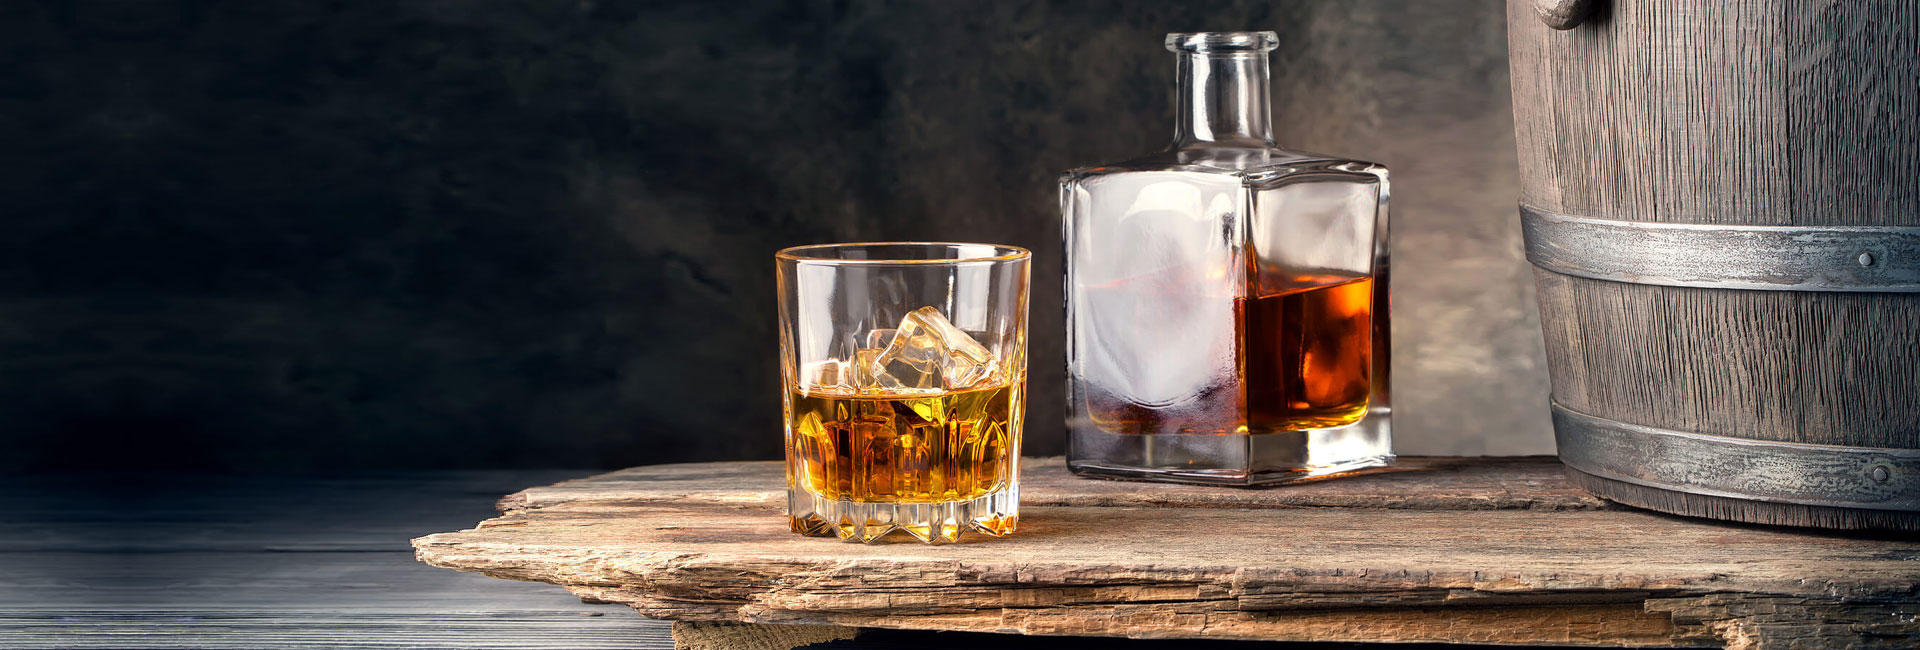 Liquori e distillati <br/> ai prezzi più bassi